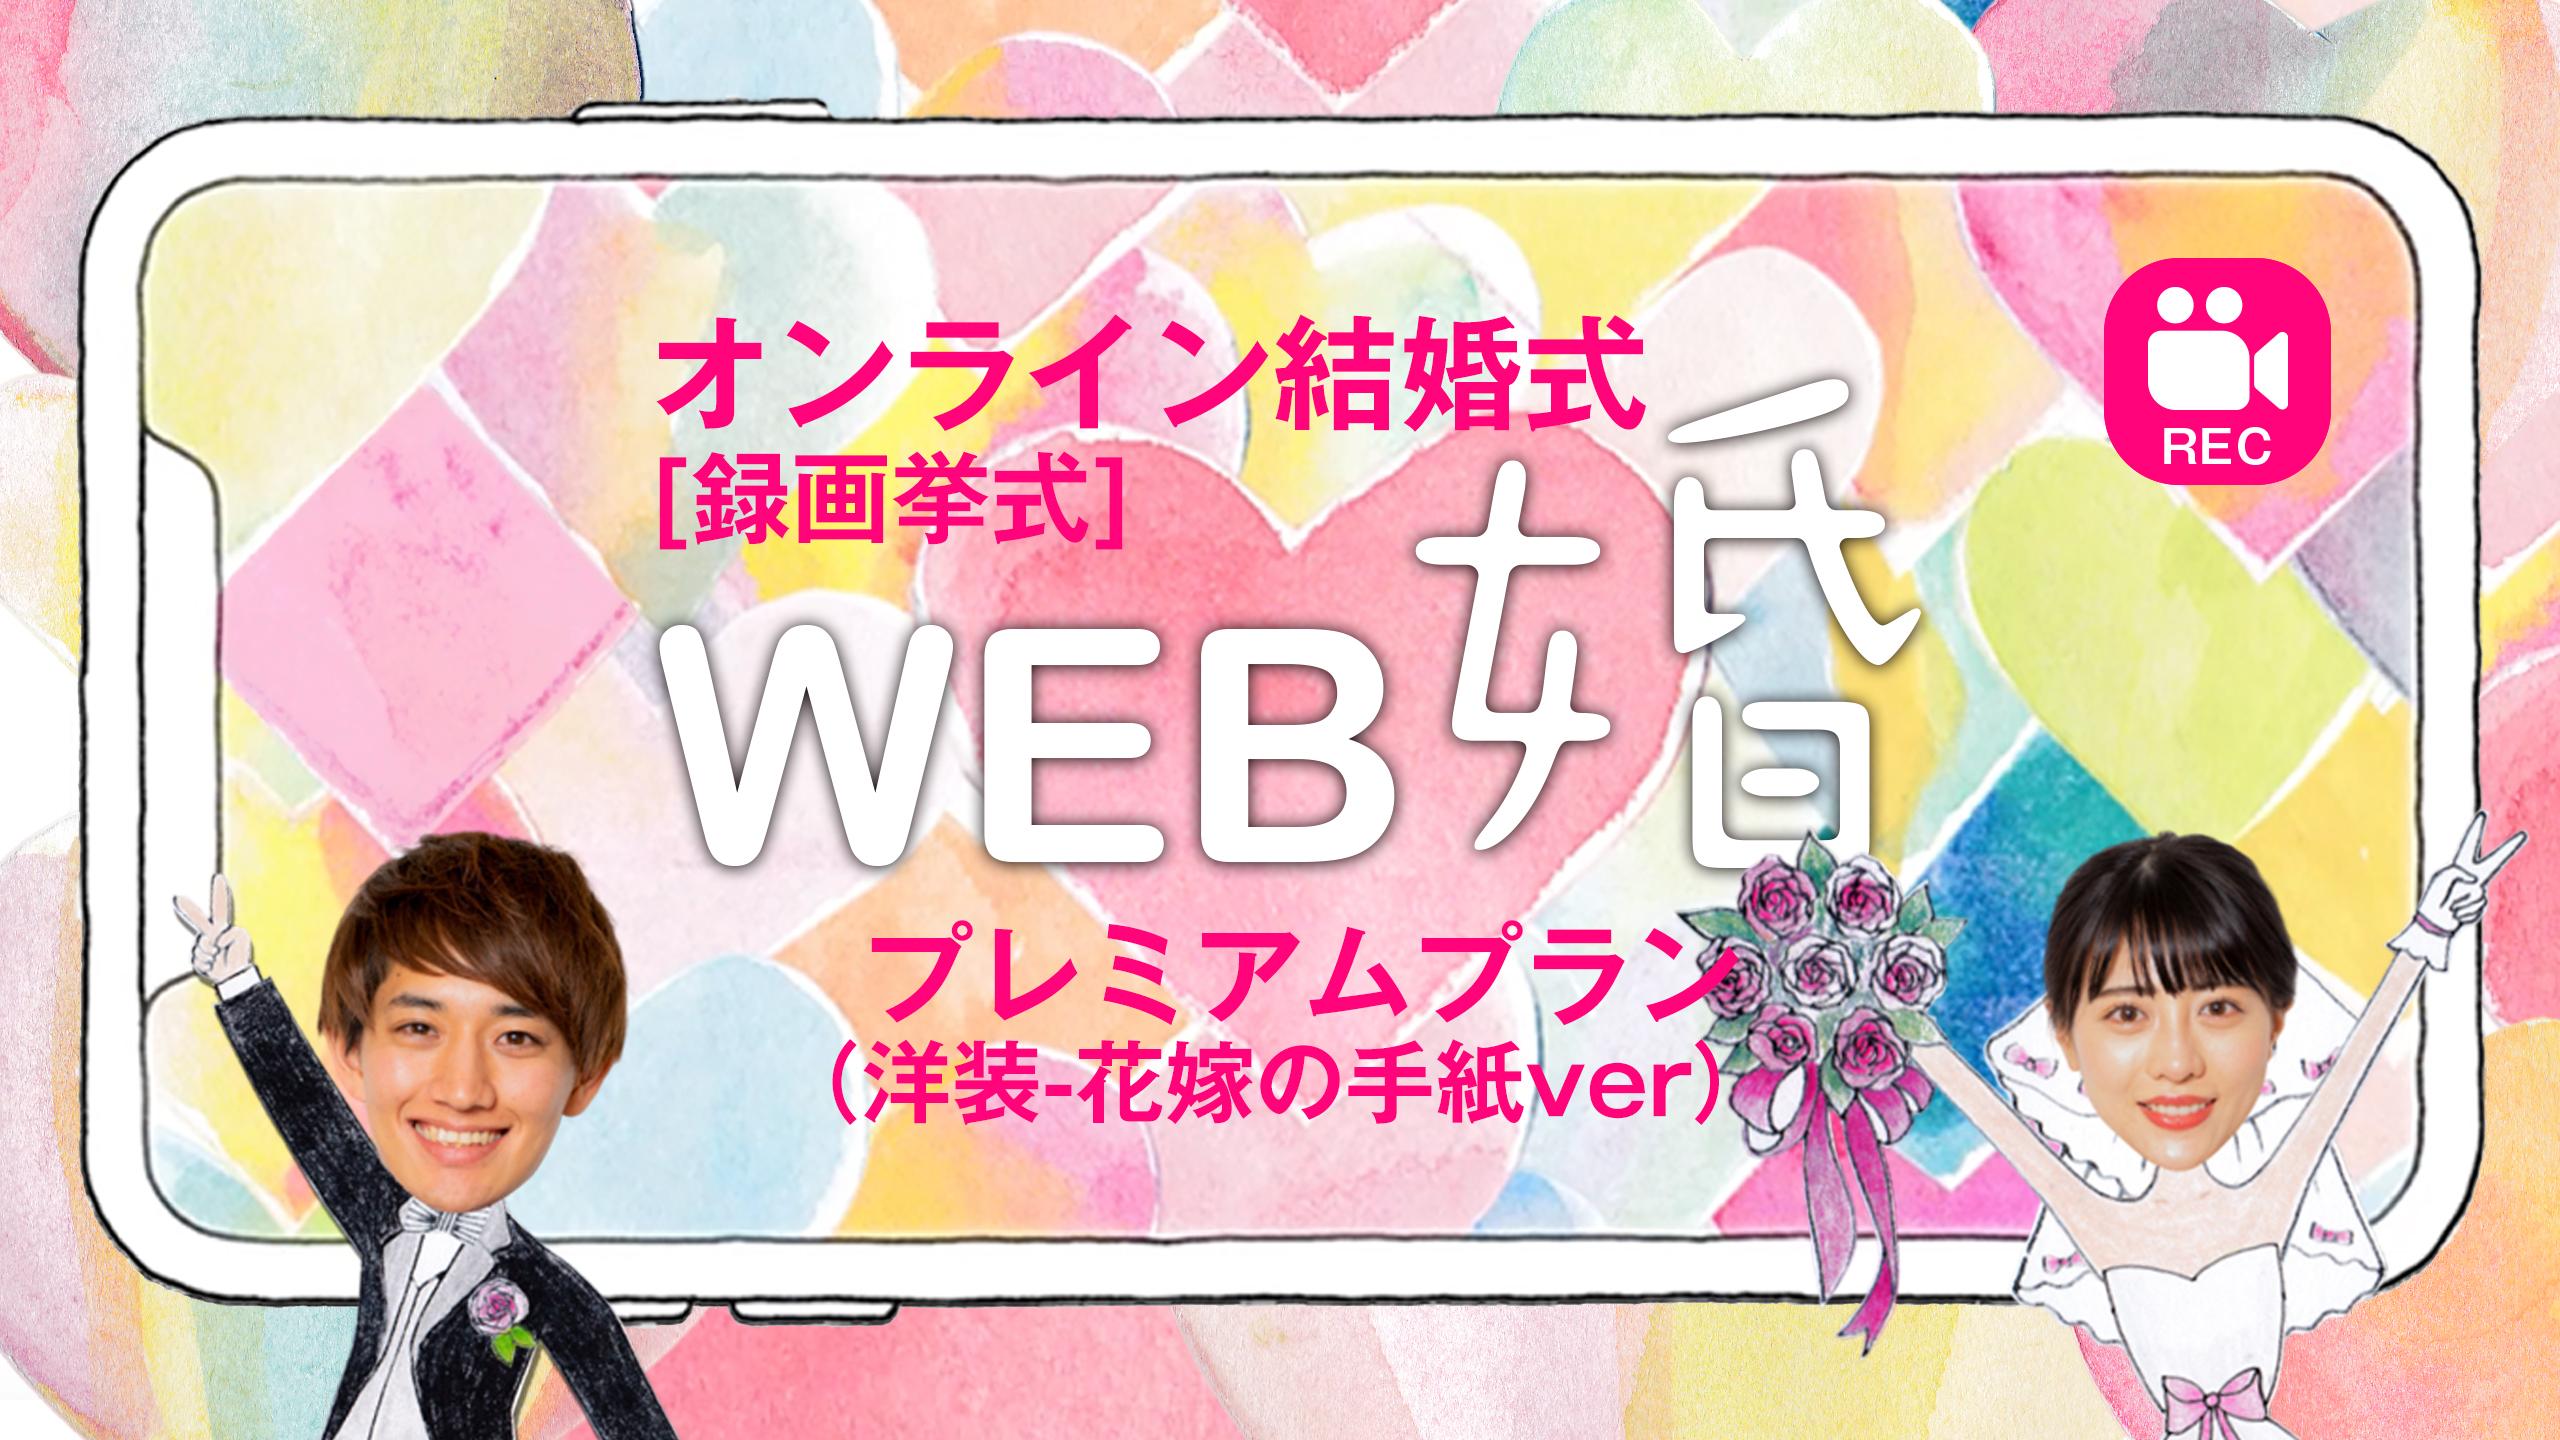 web婚花嫁